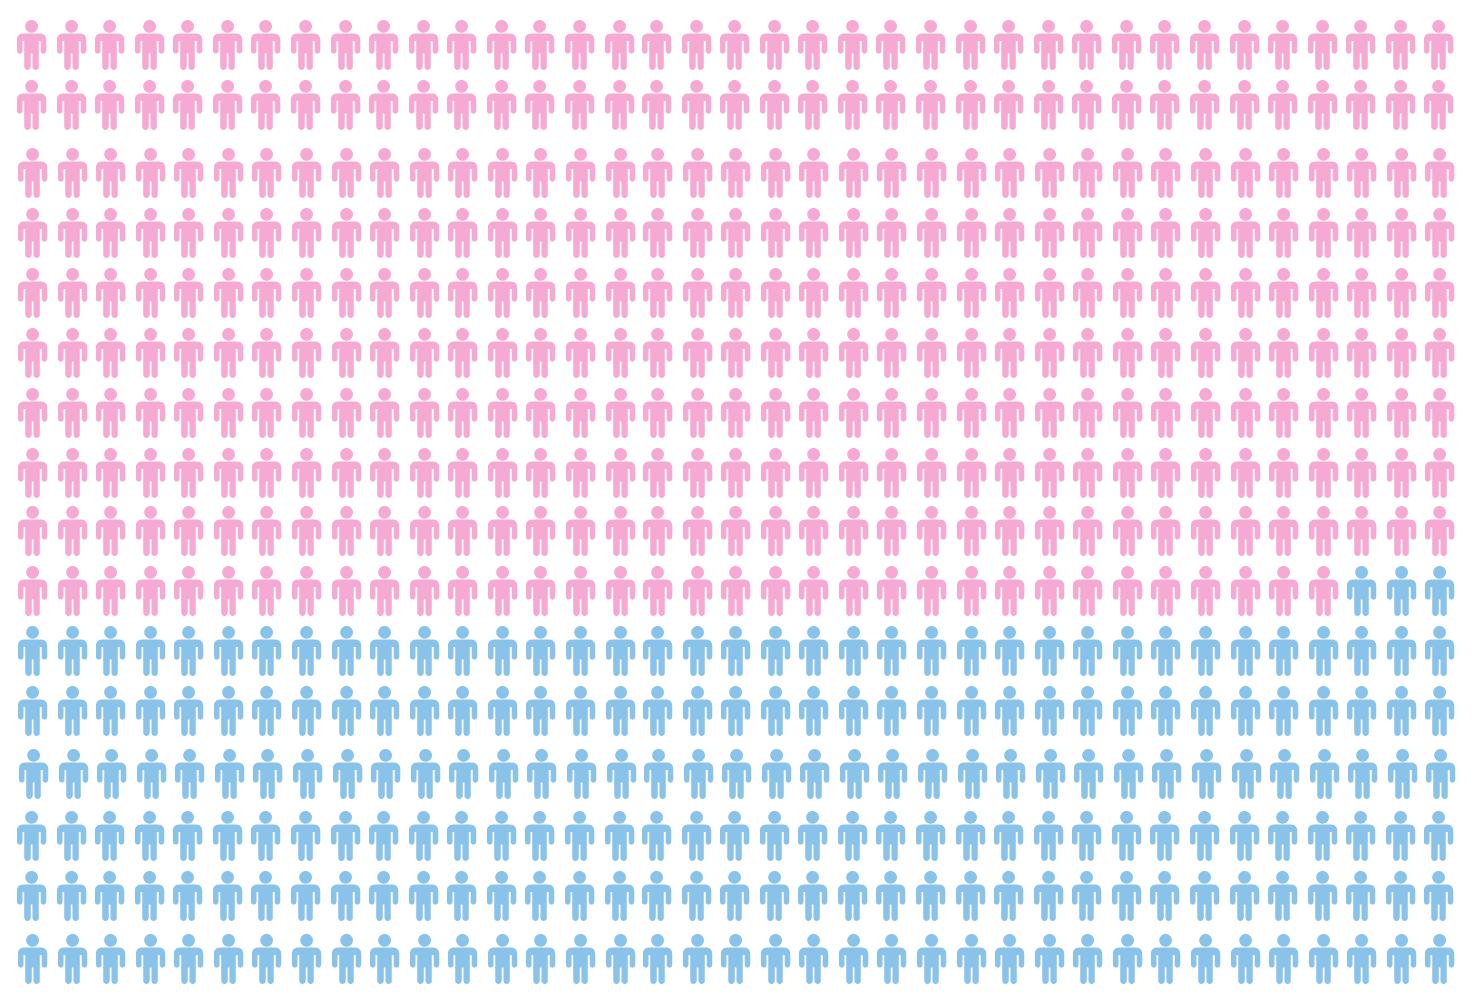 Filles-Garçons : un parcours scolaire différent (Infographie)